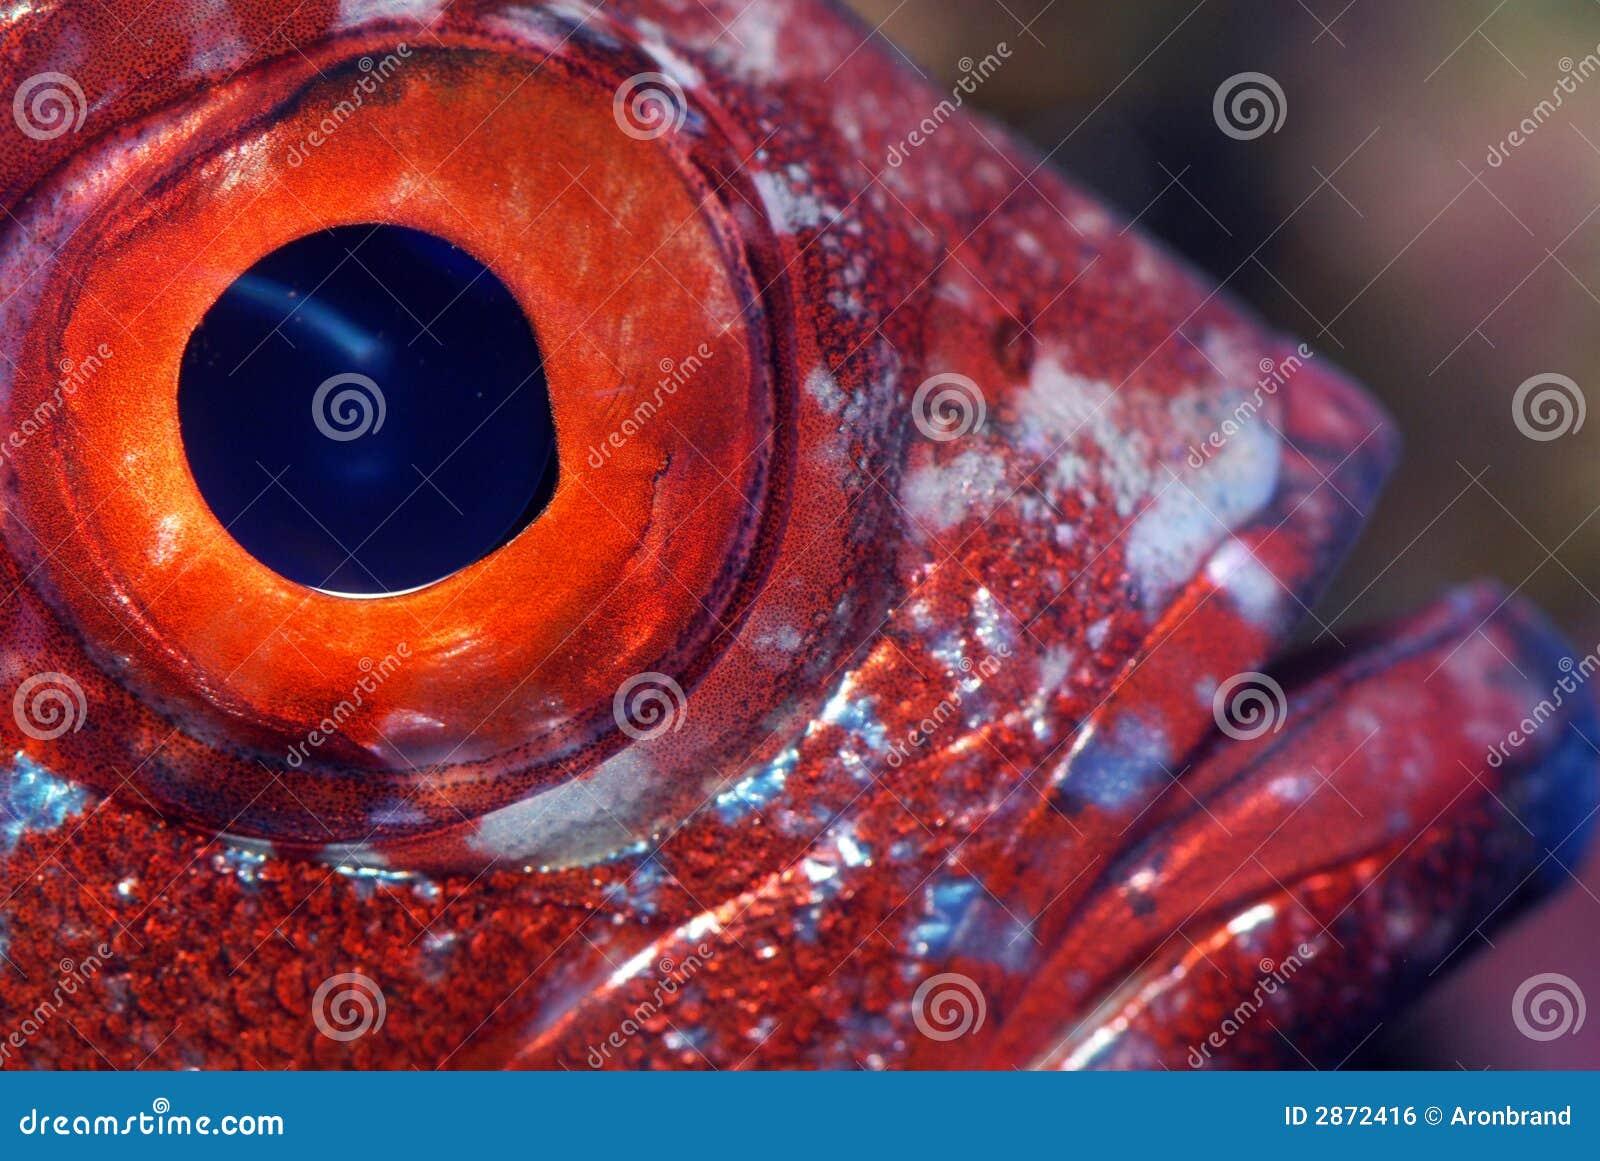 特写镜头眼睛鱼